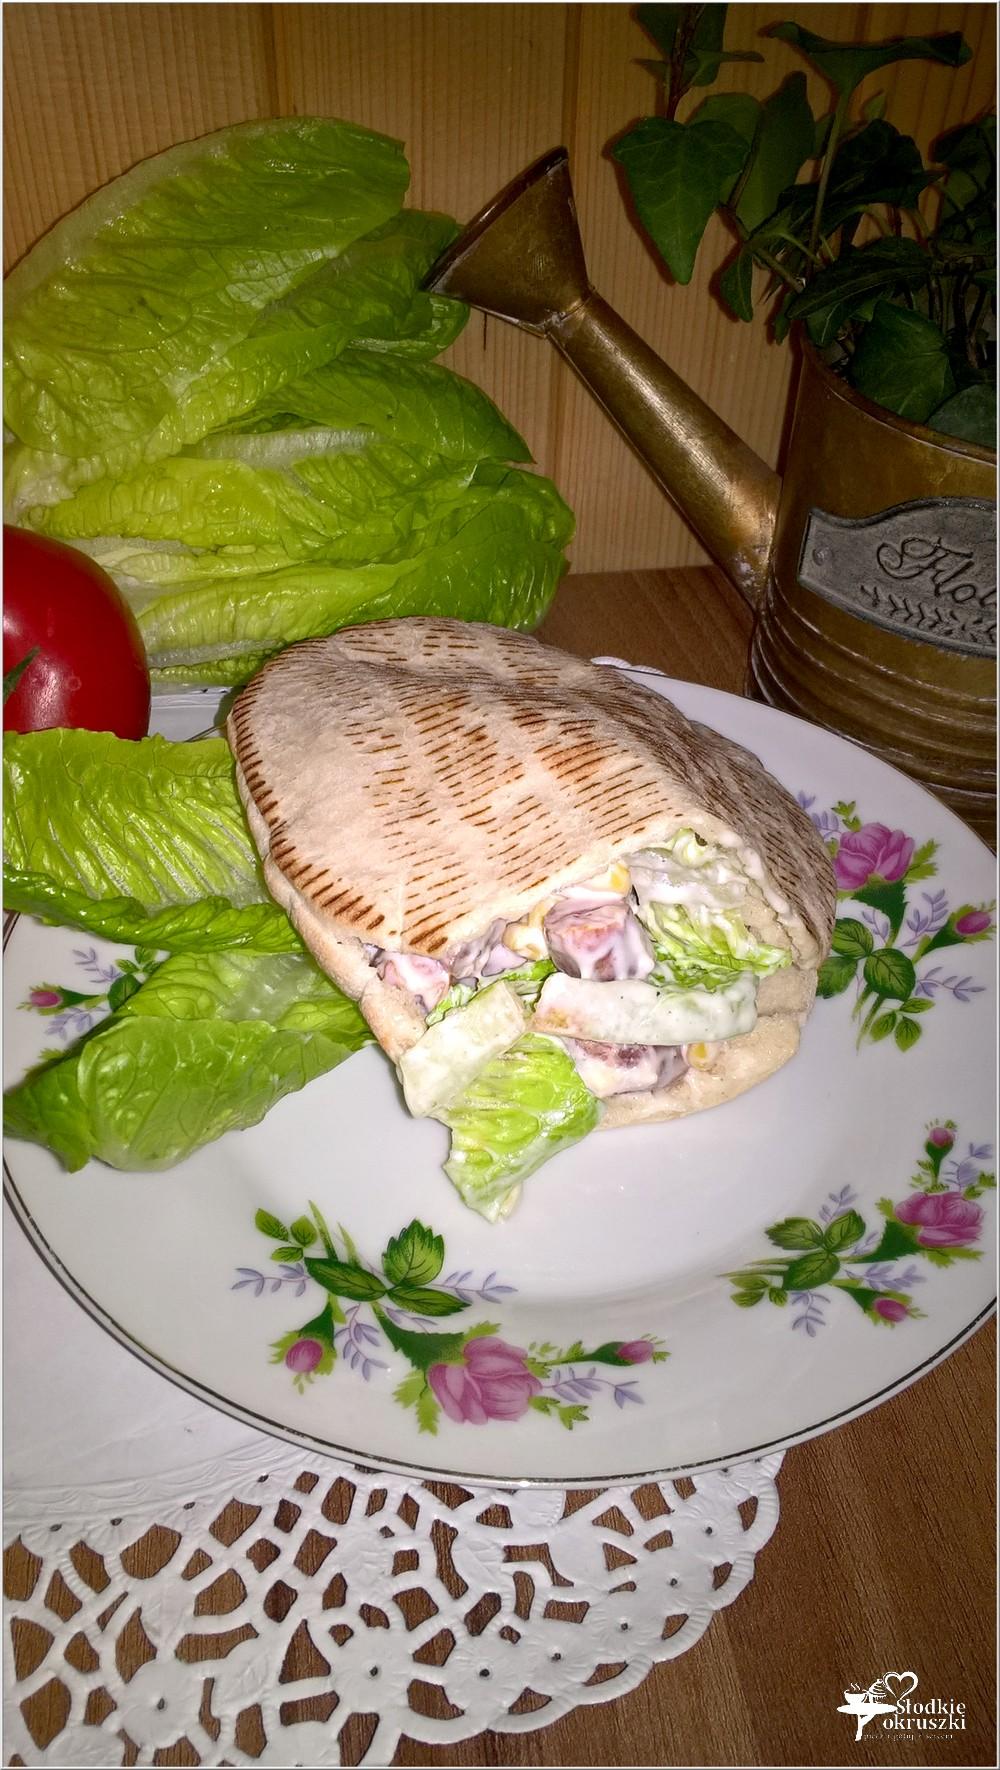 Szybki obiad. Pita z frankurterkami w domowym sosie (4)